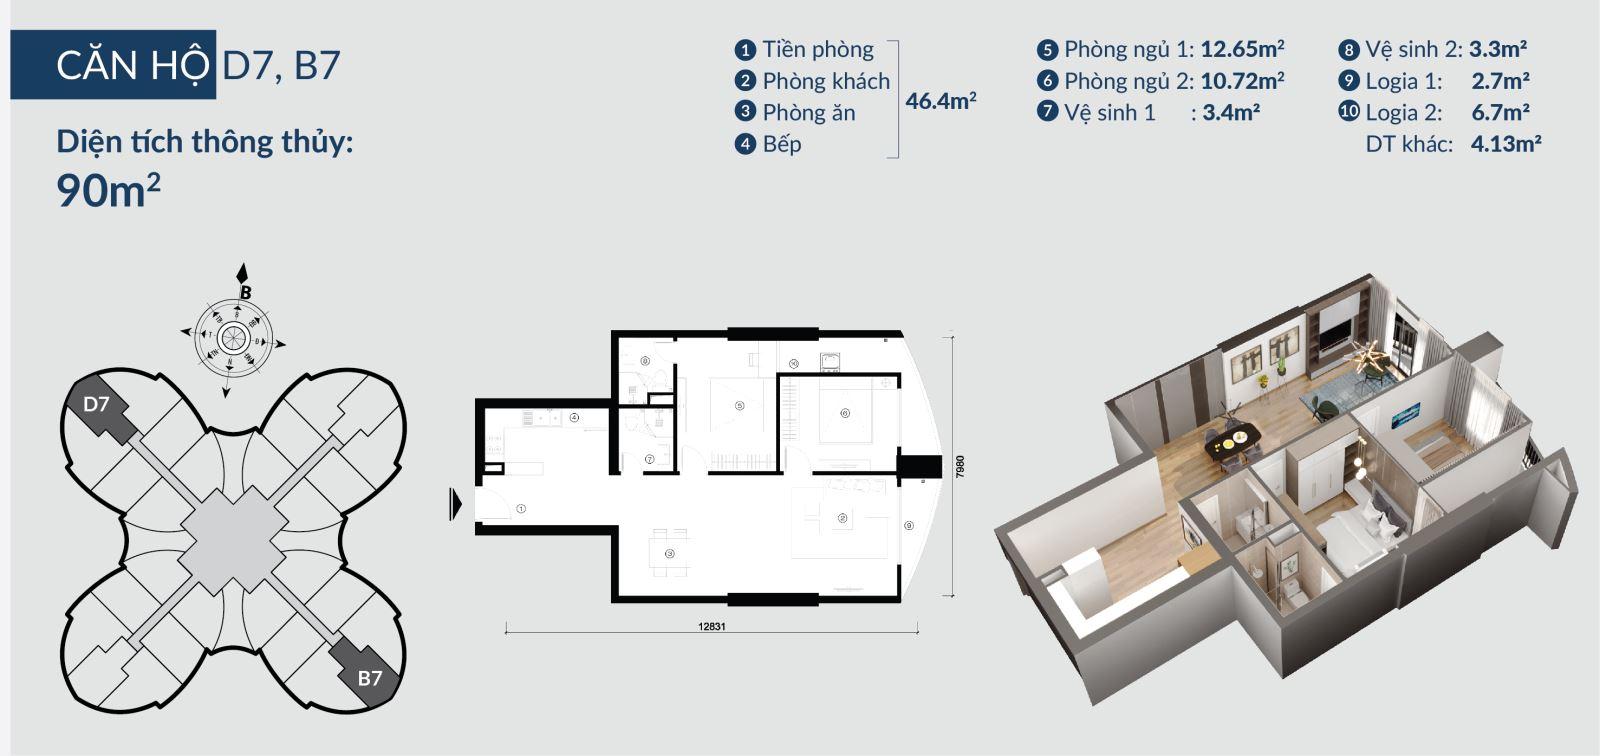 Chi tiết căn hộ Skyview Plaza 360 Giải Phóng 11